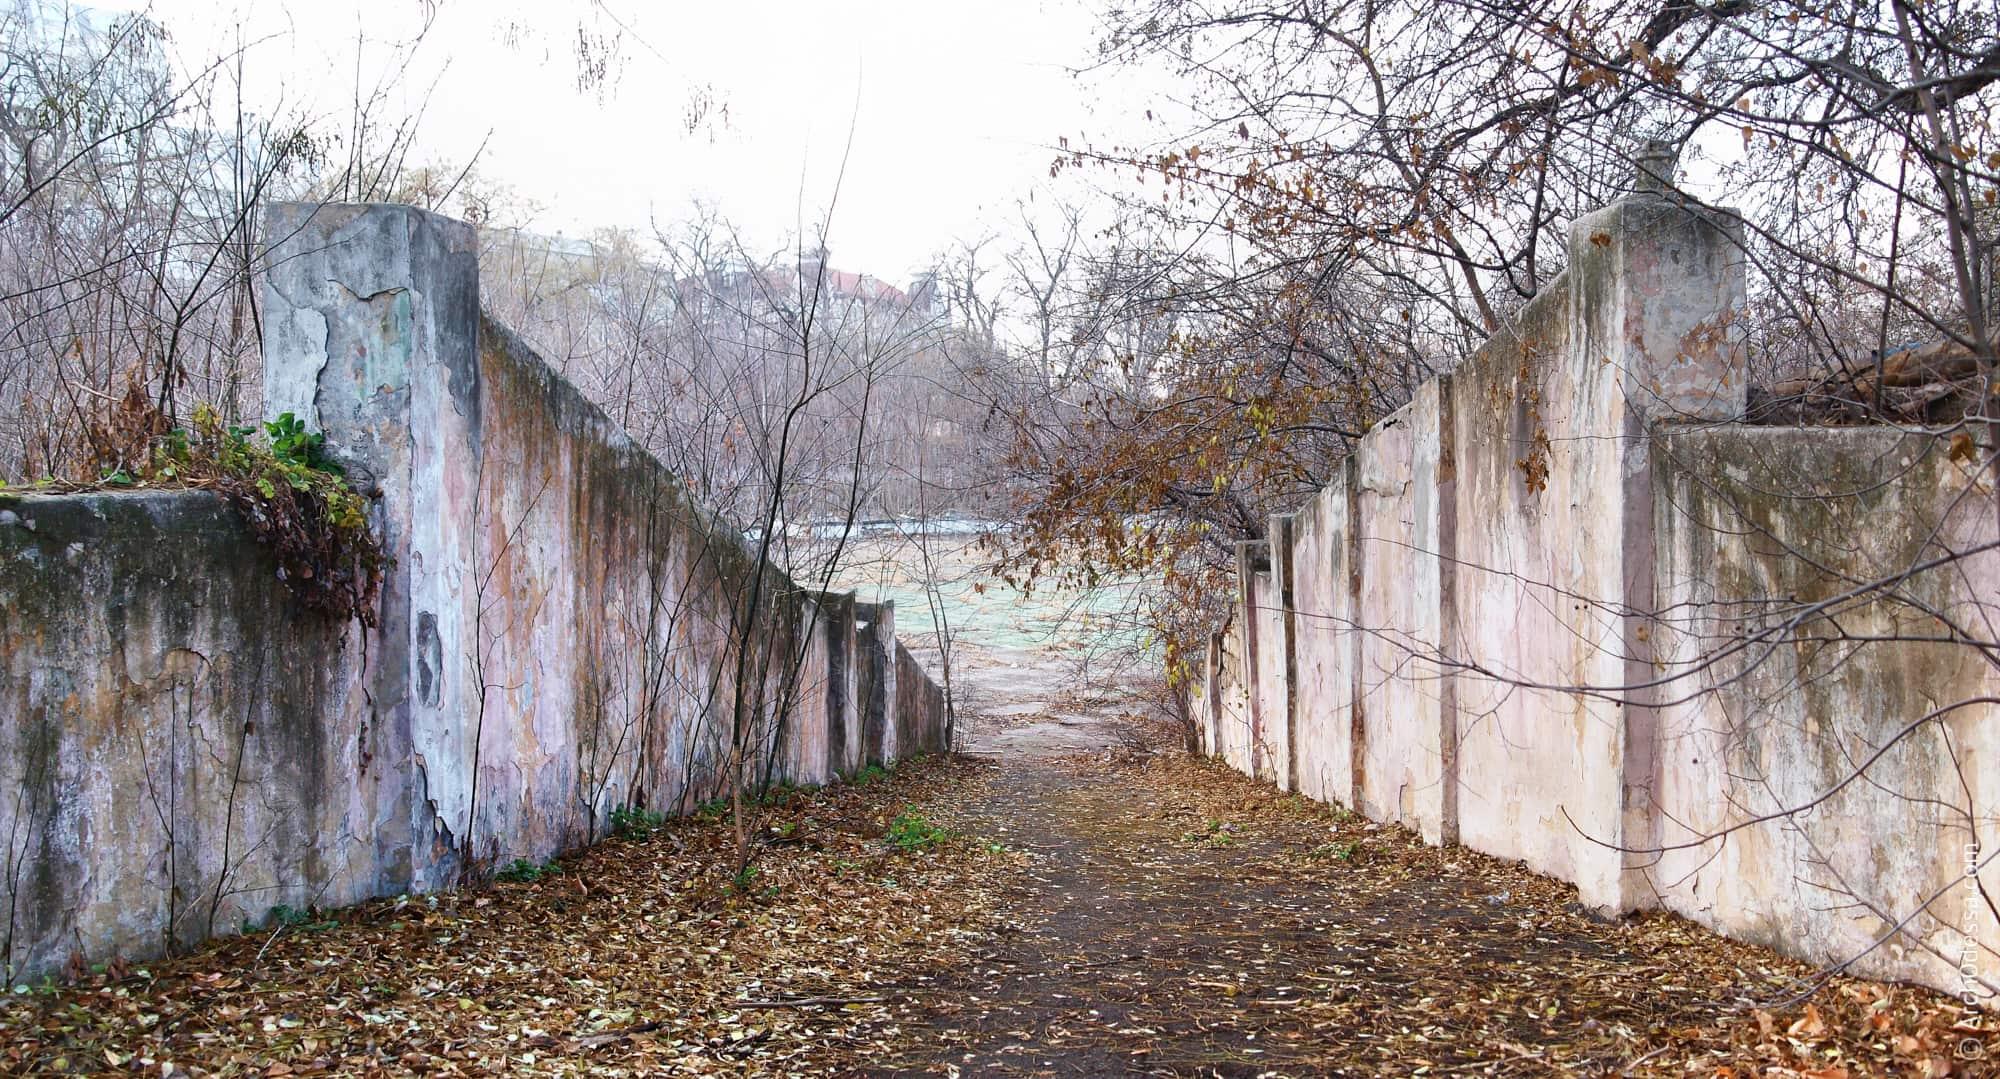 Спуск праворуч від сцени (фото кінця 2012 року)